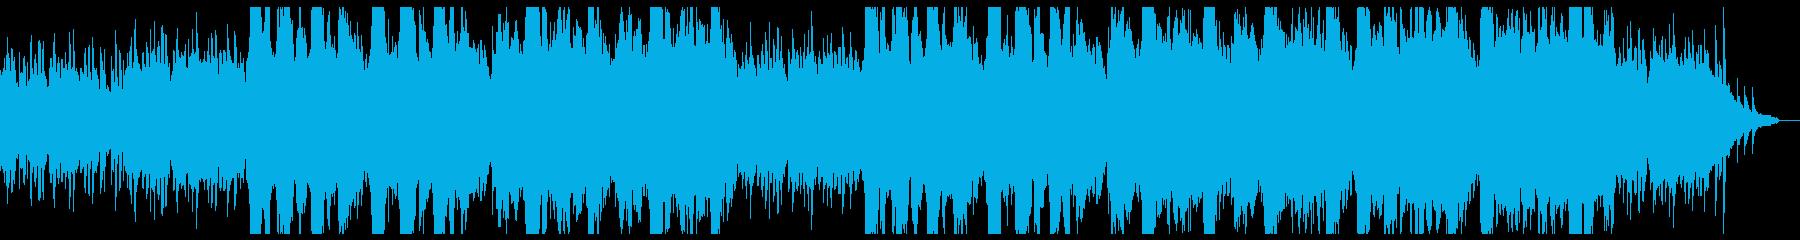 ゆったり感傷的なシネマティックシンフォ。の再生済みの波形